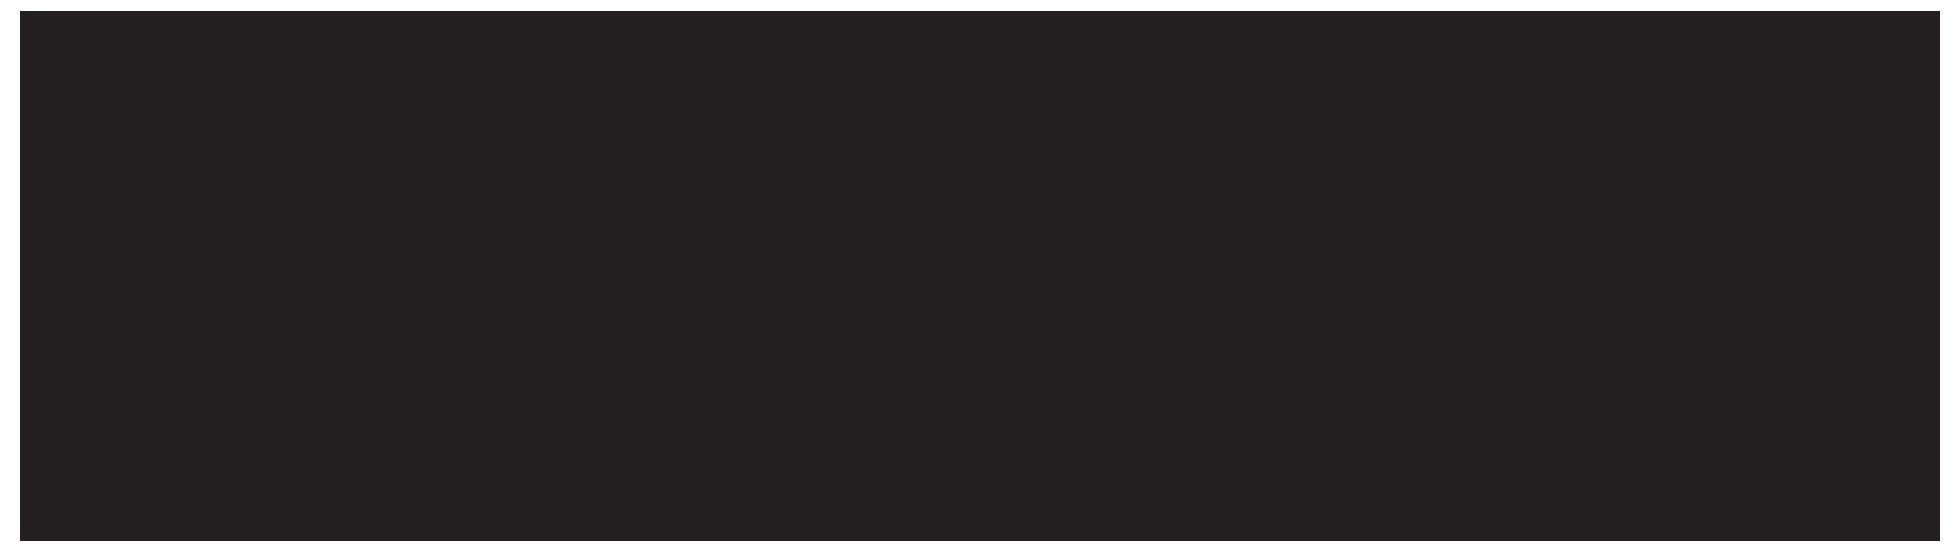 emp-logo.png